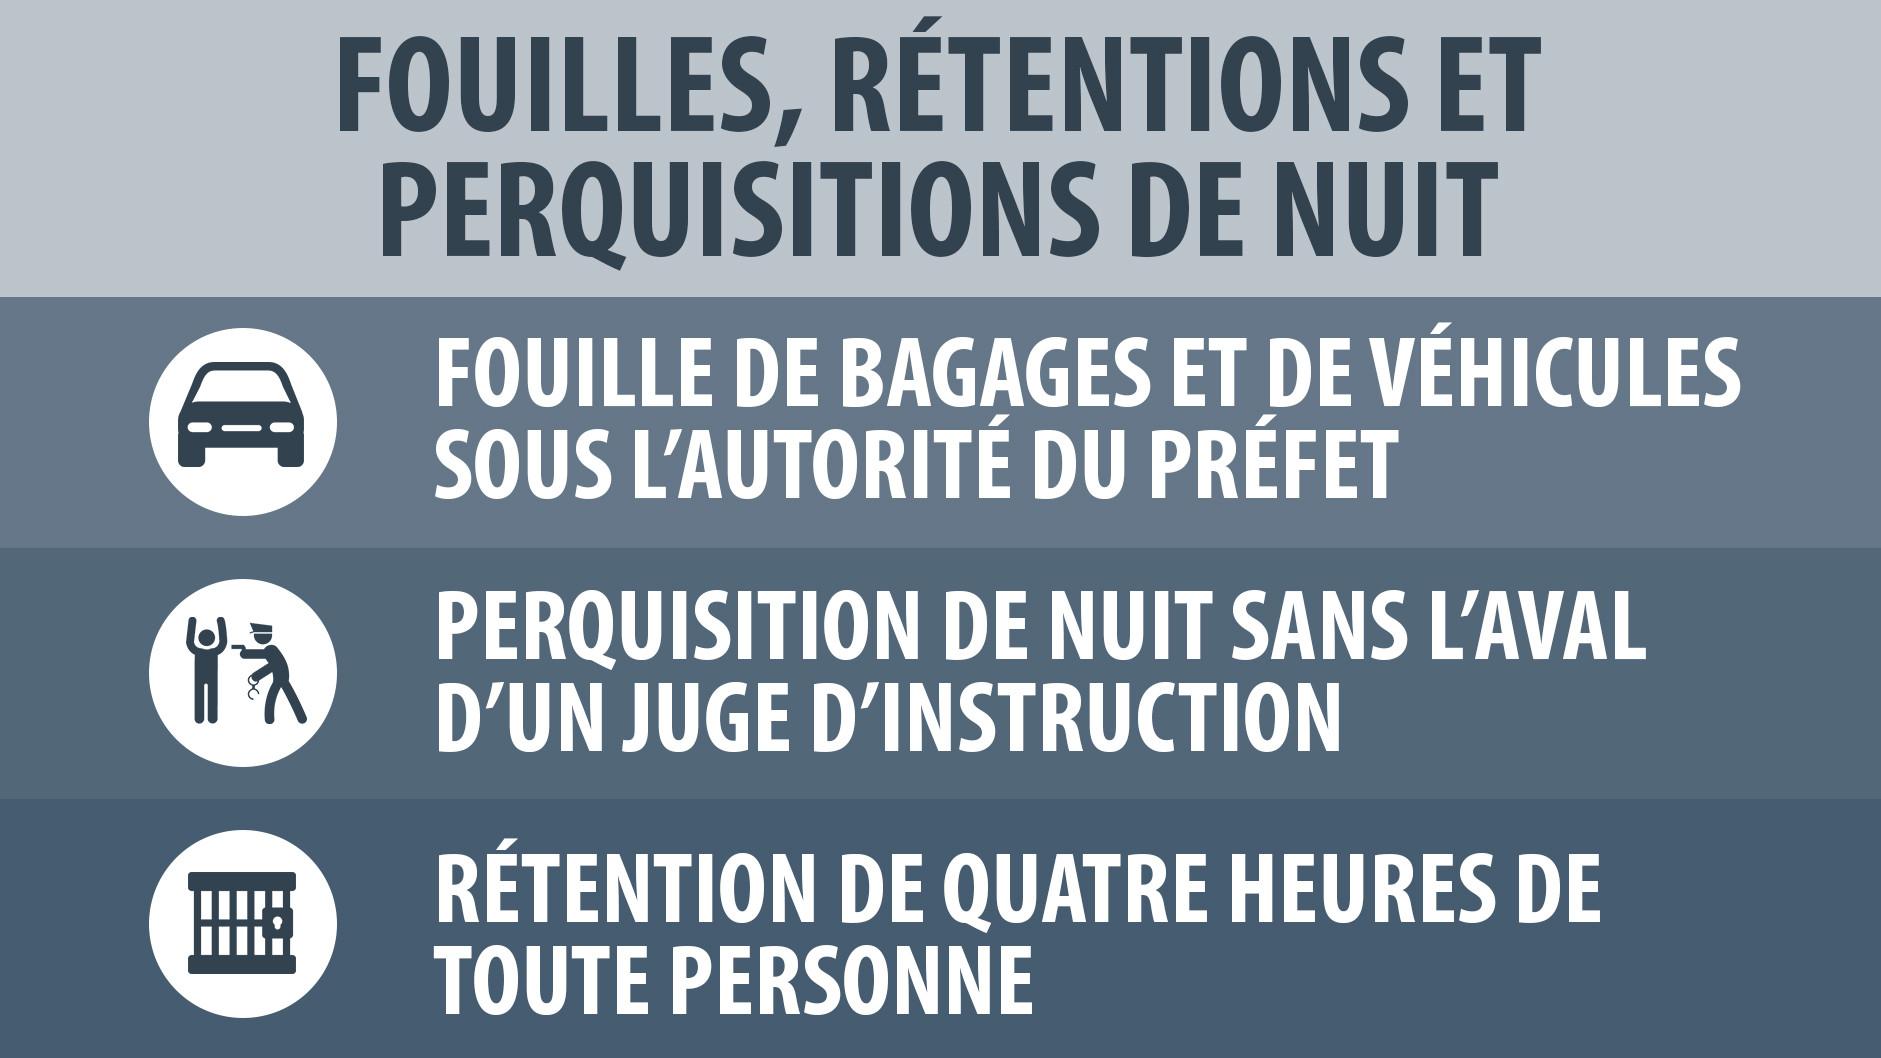 Fouilles et perquisitions